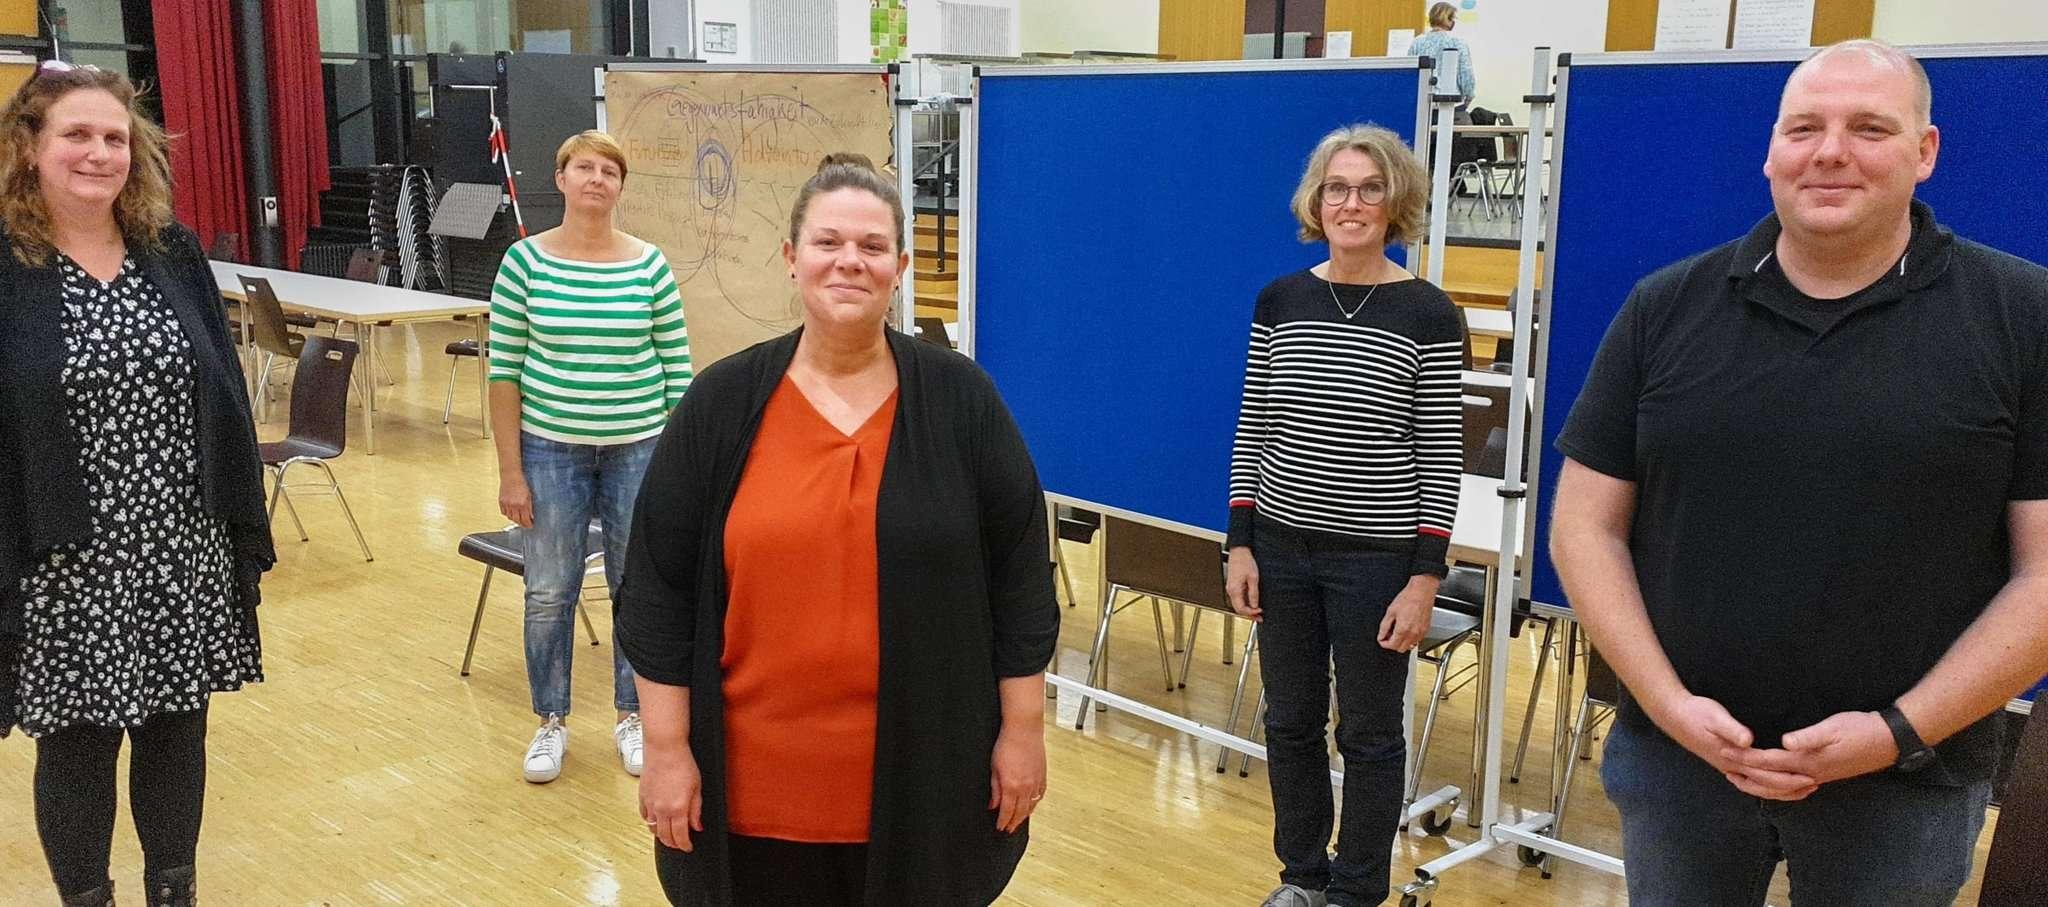 Der neue Vorstand des IGS-Schulvereins: Birgit Graudenz (von links), Sonja Holsten, Jana Hielscher, Ina Seemann und Jens Blohme. Foto: Tobias Woelki